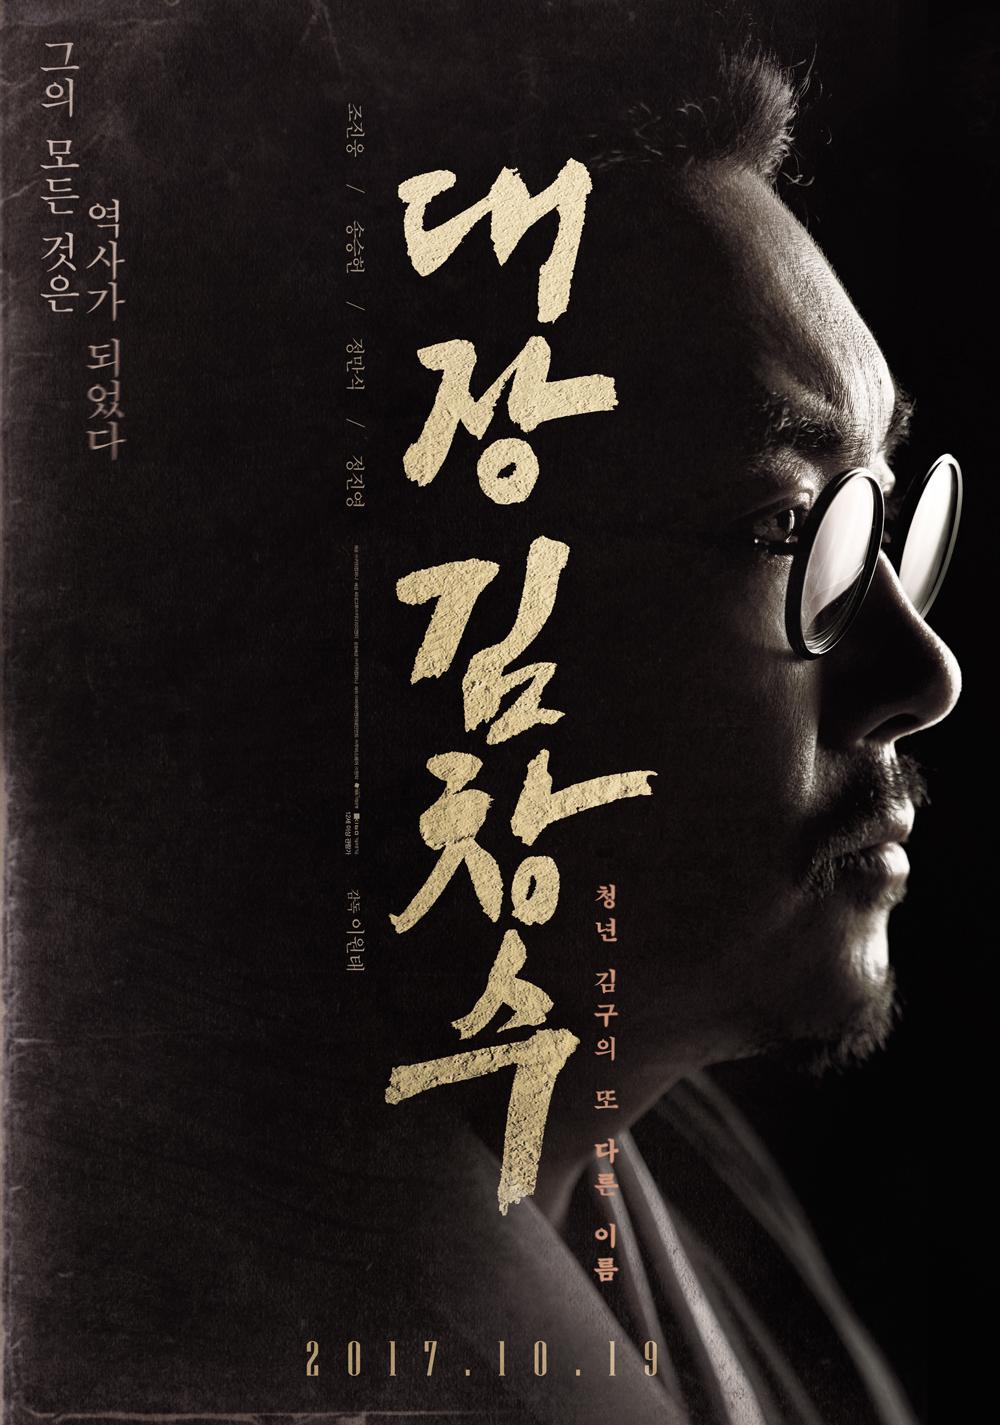 대장 김창수 (MAN OF WILL, 2017)